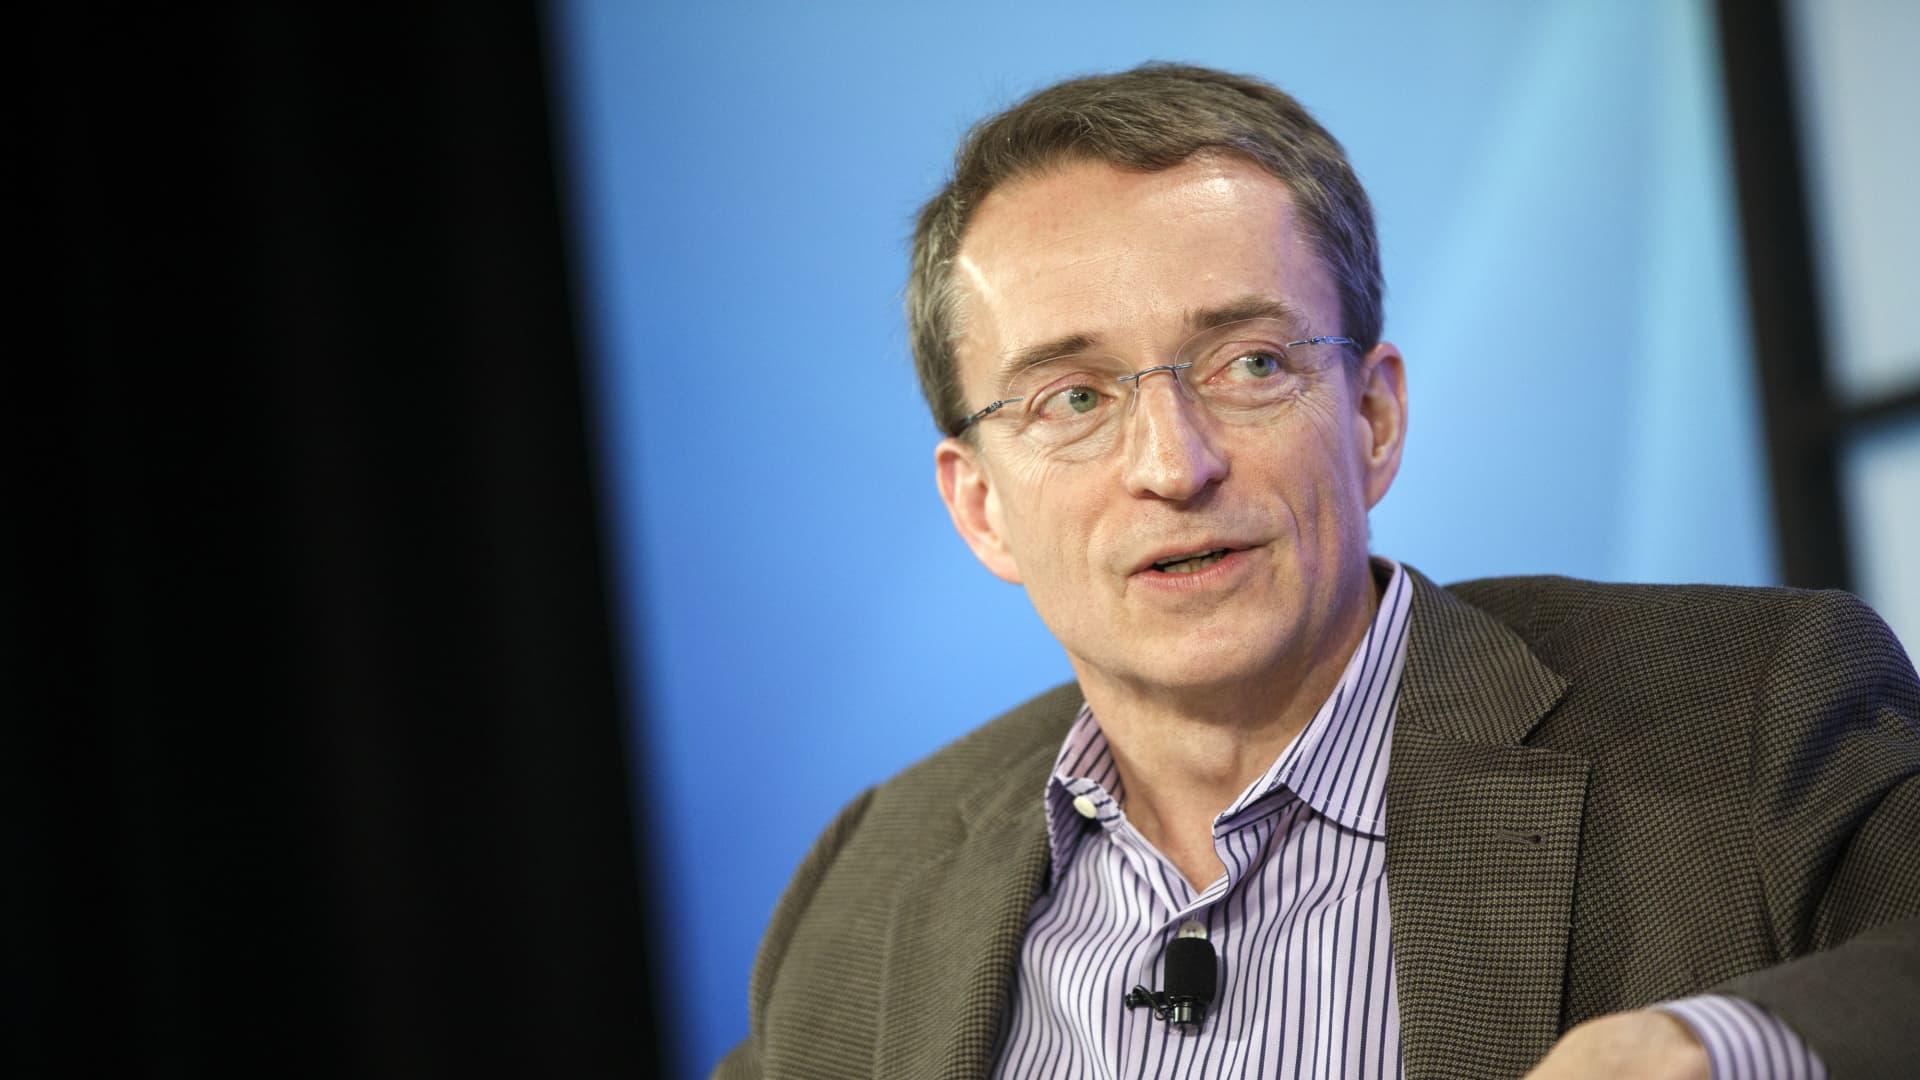 Pat Gelsinger, CEO of Intel, speaks in Santa Monica, Calif., on March 9, 2017, in a photo taken when he was CEO of VMware.